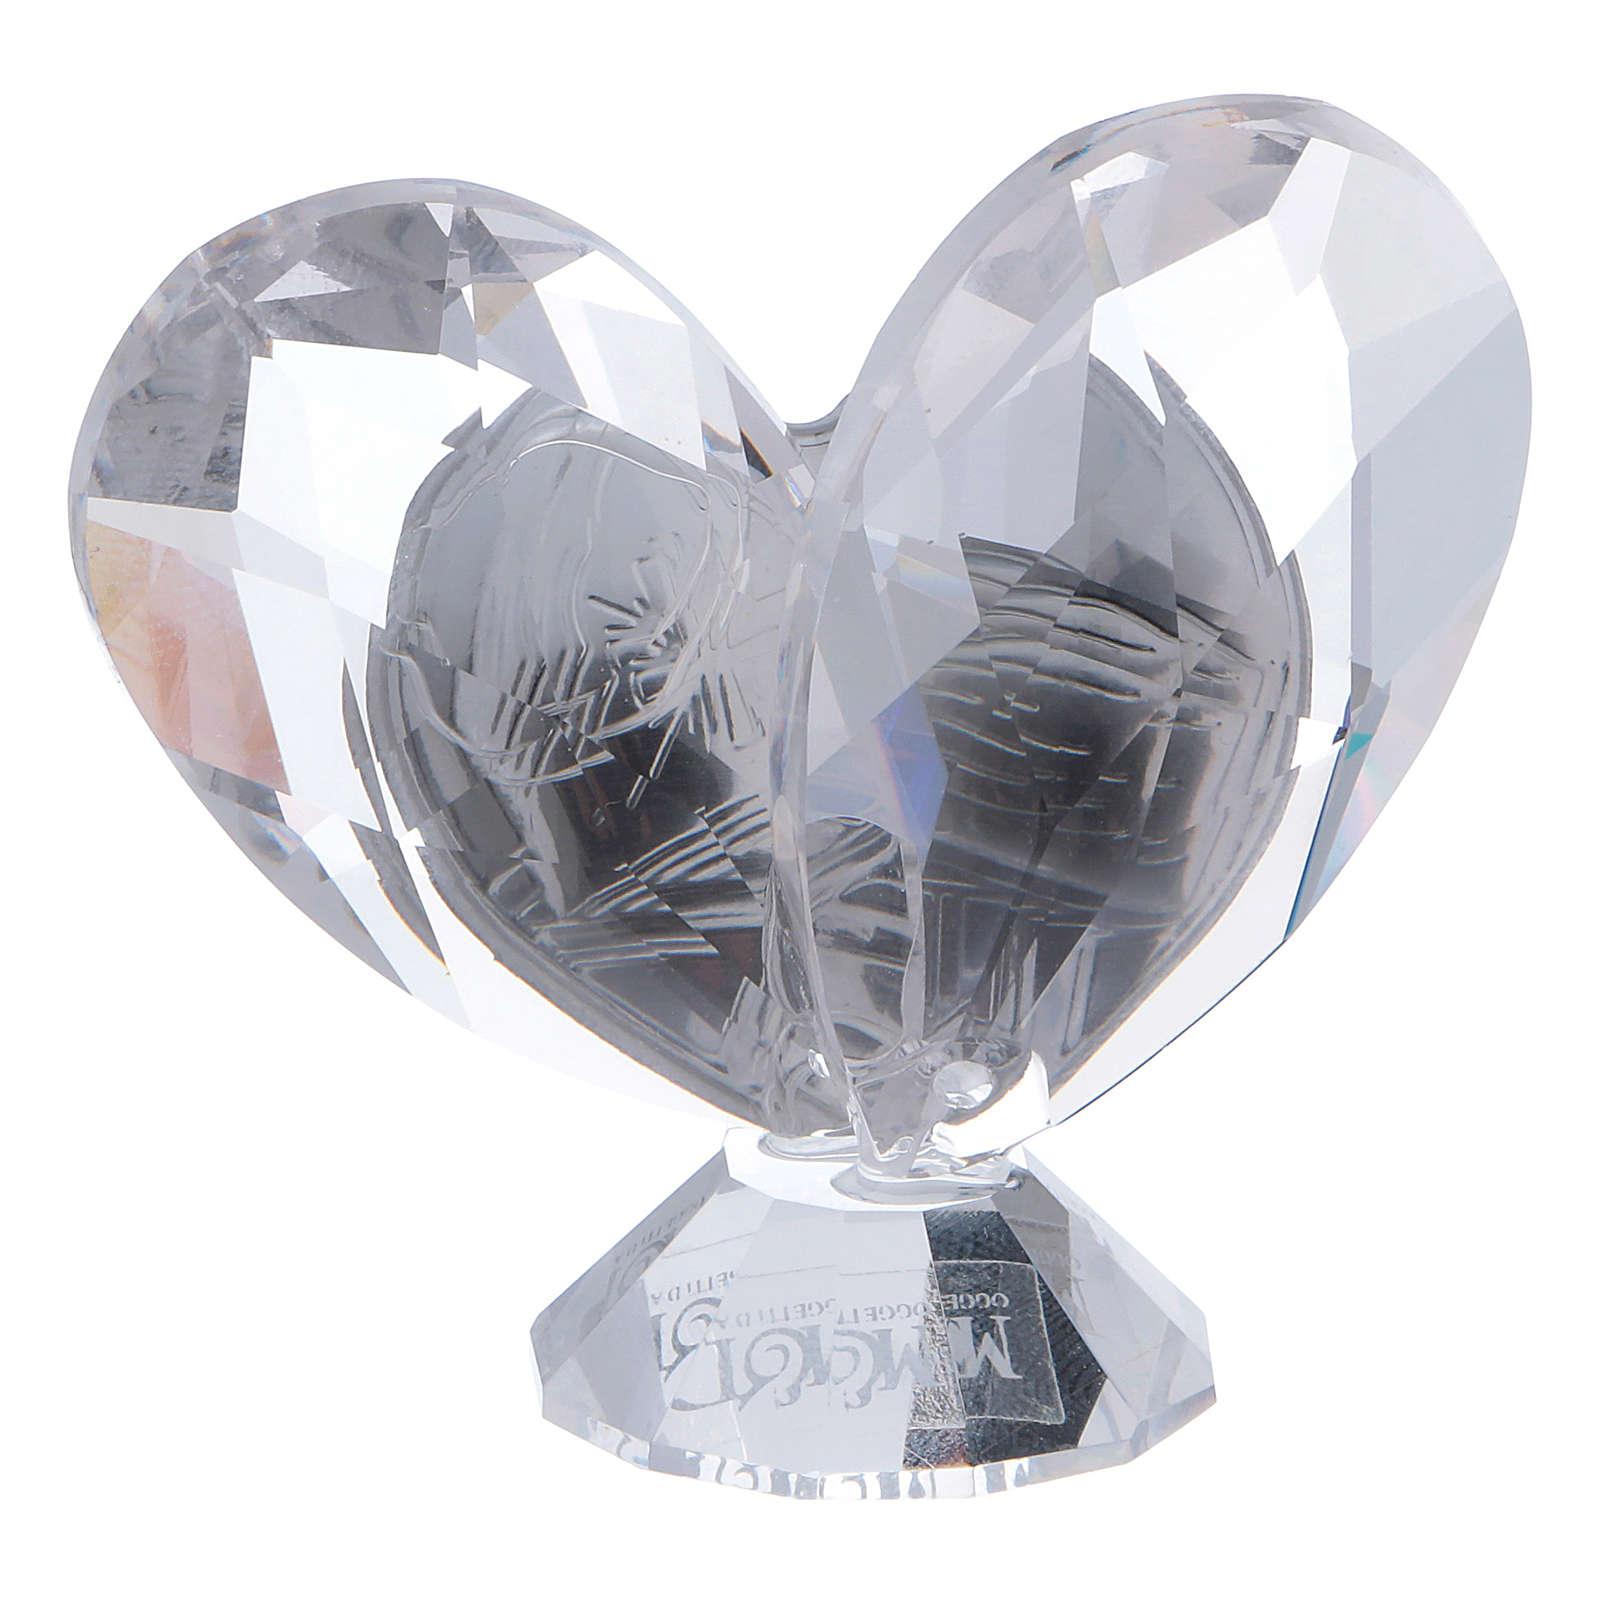 Bomboniera a forma di cuore per la cresima 5x5 cm 3